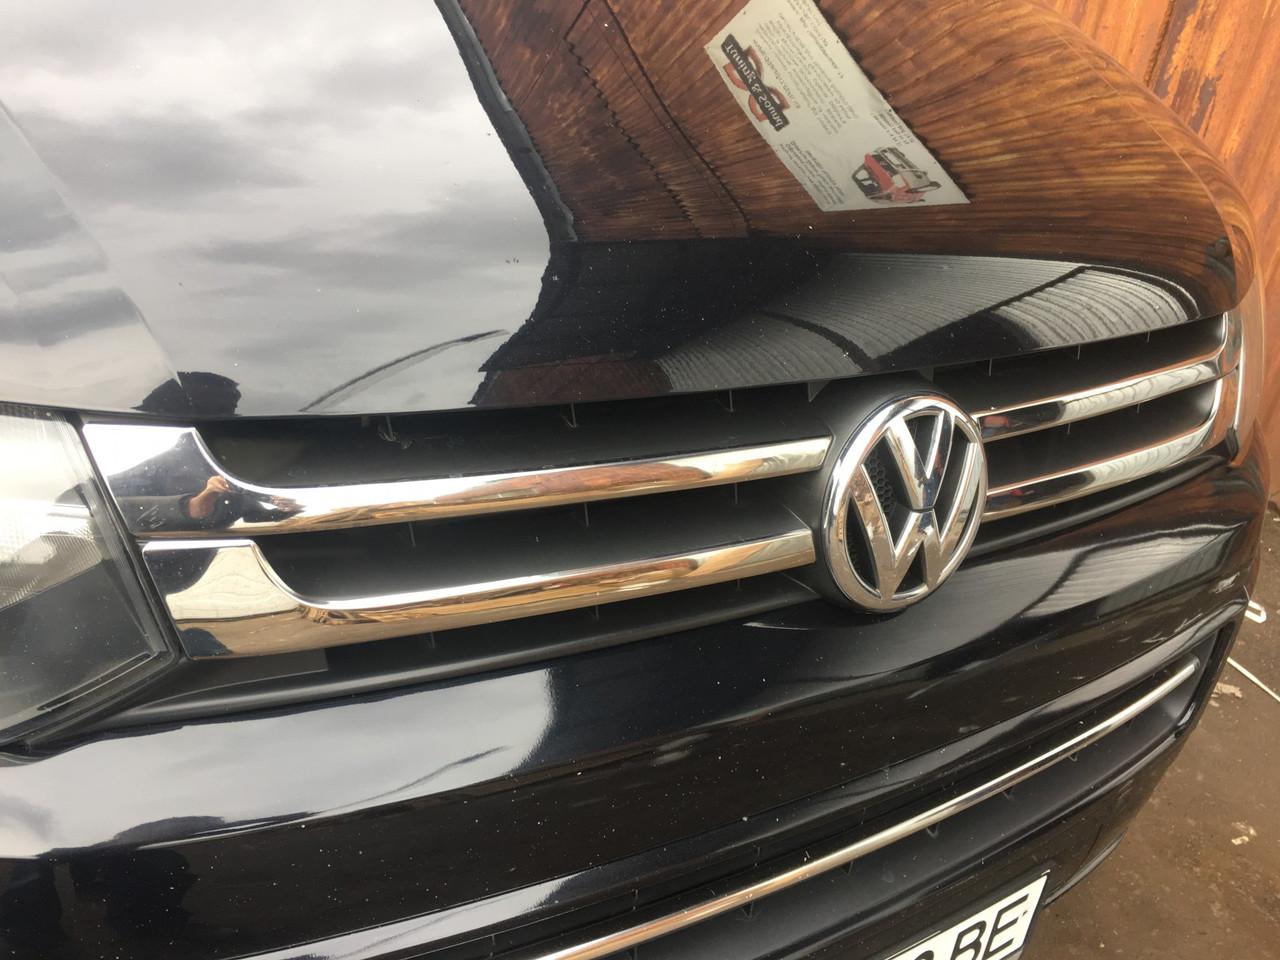 Накладки на решетку раздельные (Carmos, 4 шт, нерж.) - Volkswagen T5 рестайлинг 2010-2015 гг.